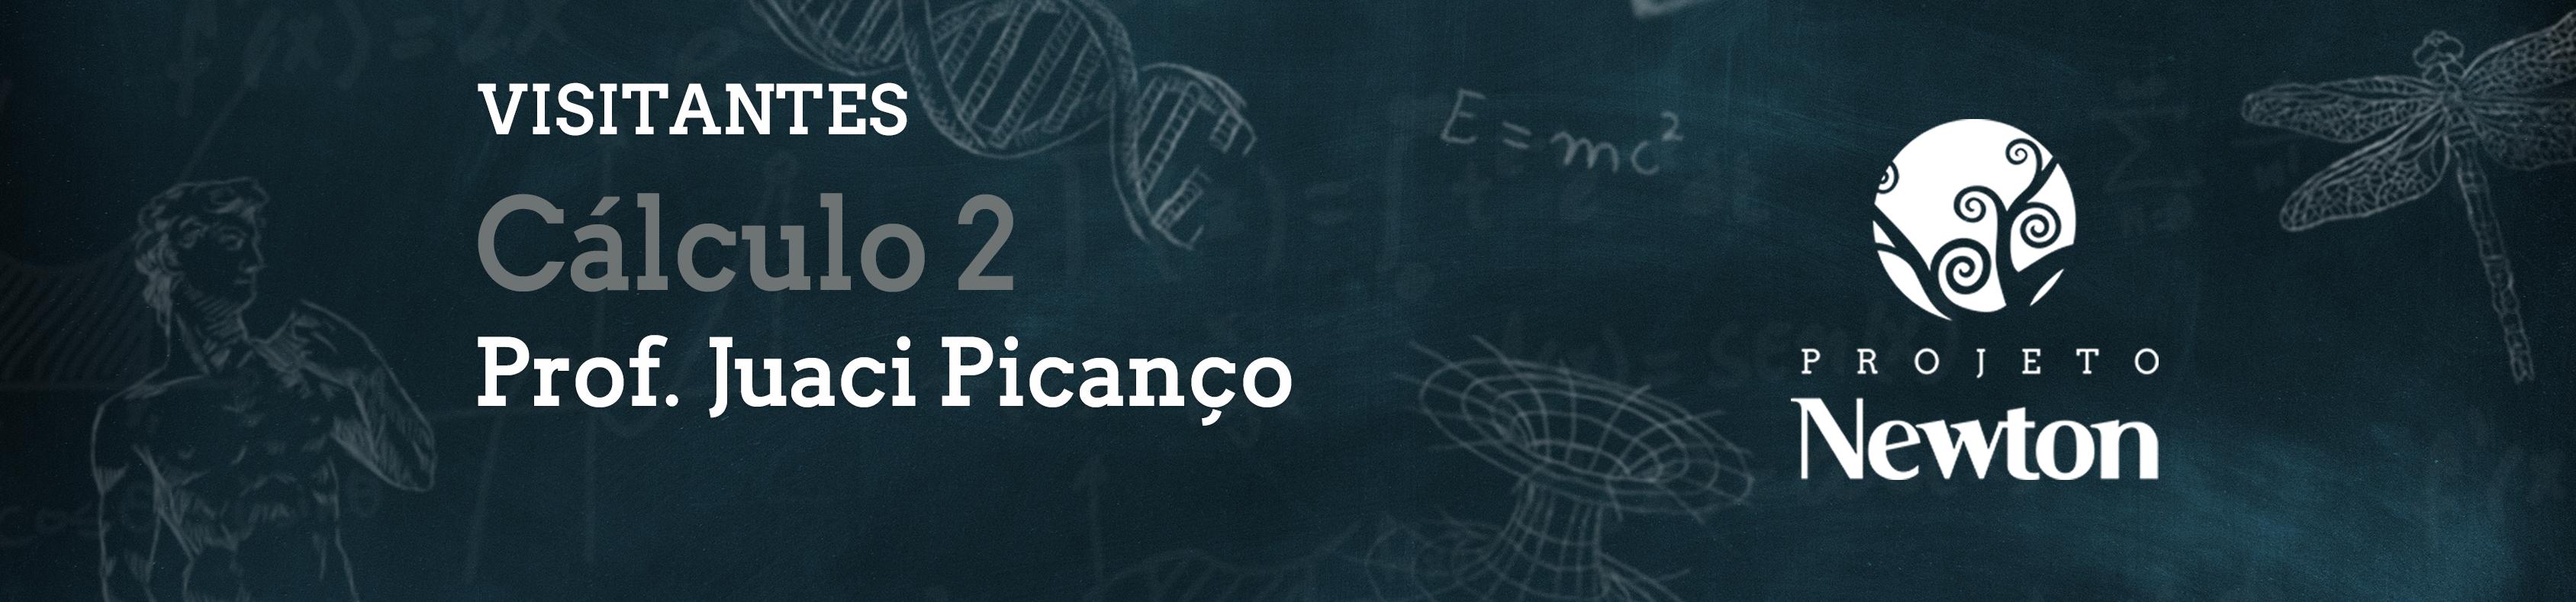 Disciplina Cálculo 2 - Projeto Newton - 2020/2